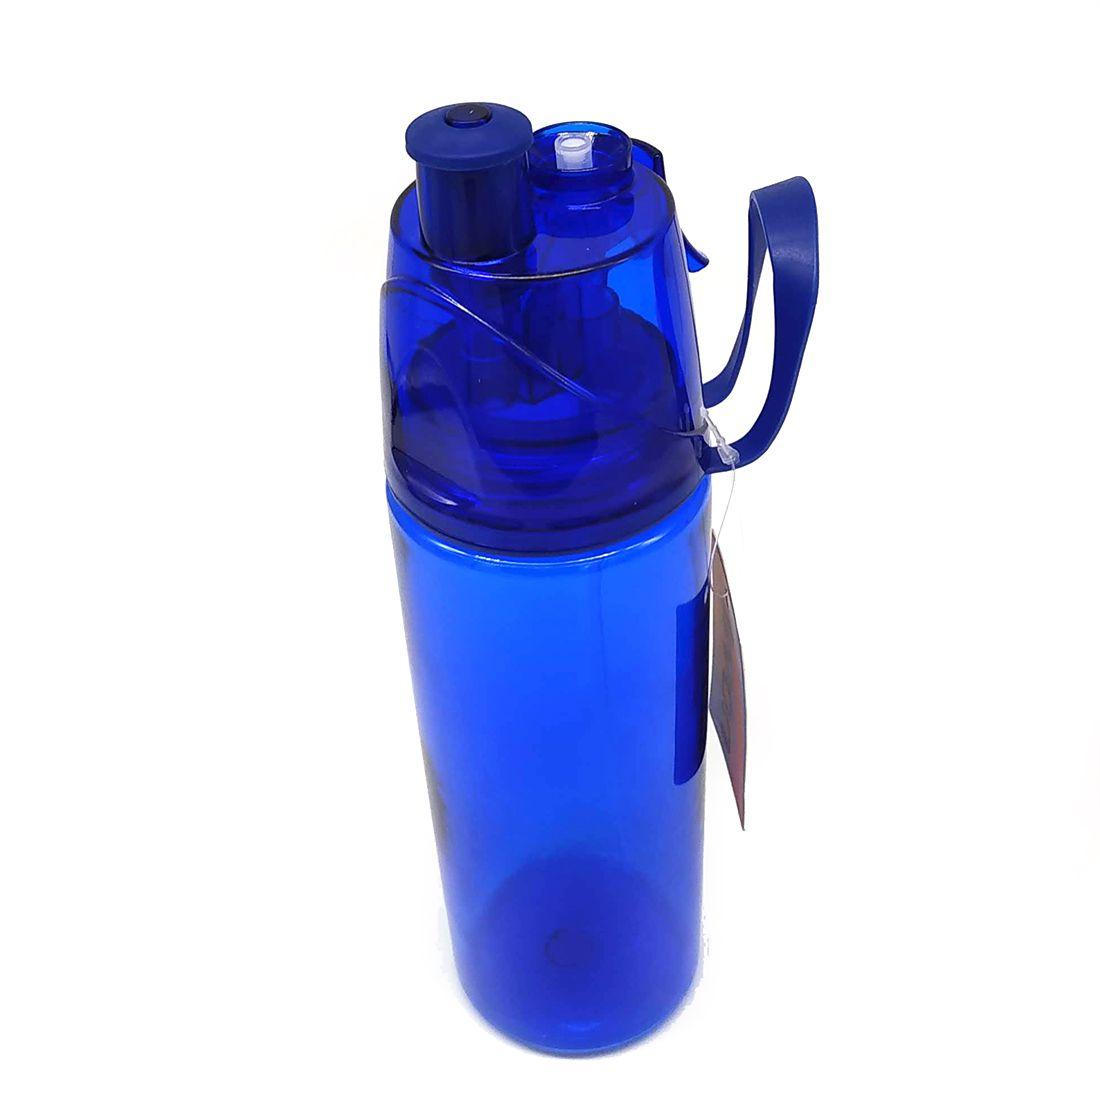 Squeeze garrafa de Plástico borrifador 600 ml   - Super Utilidades